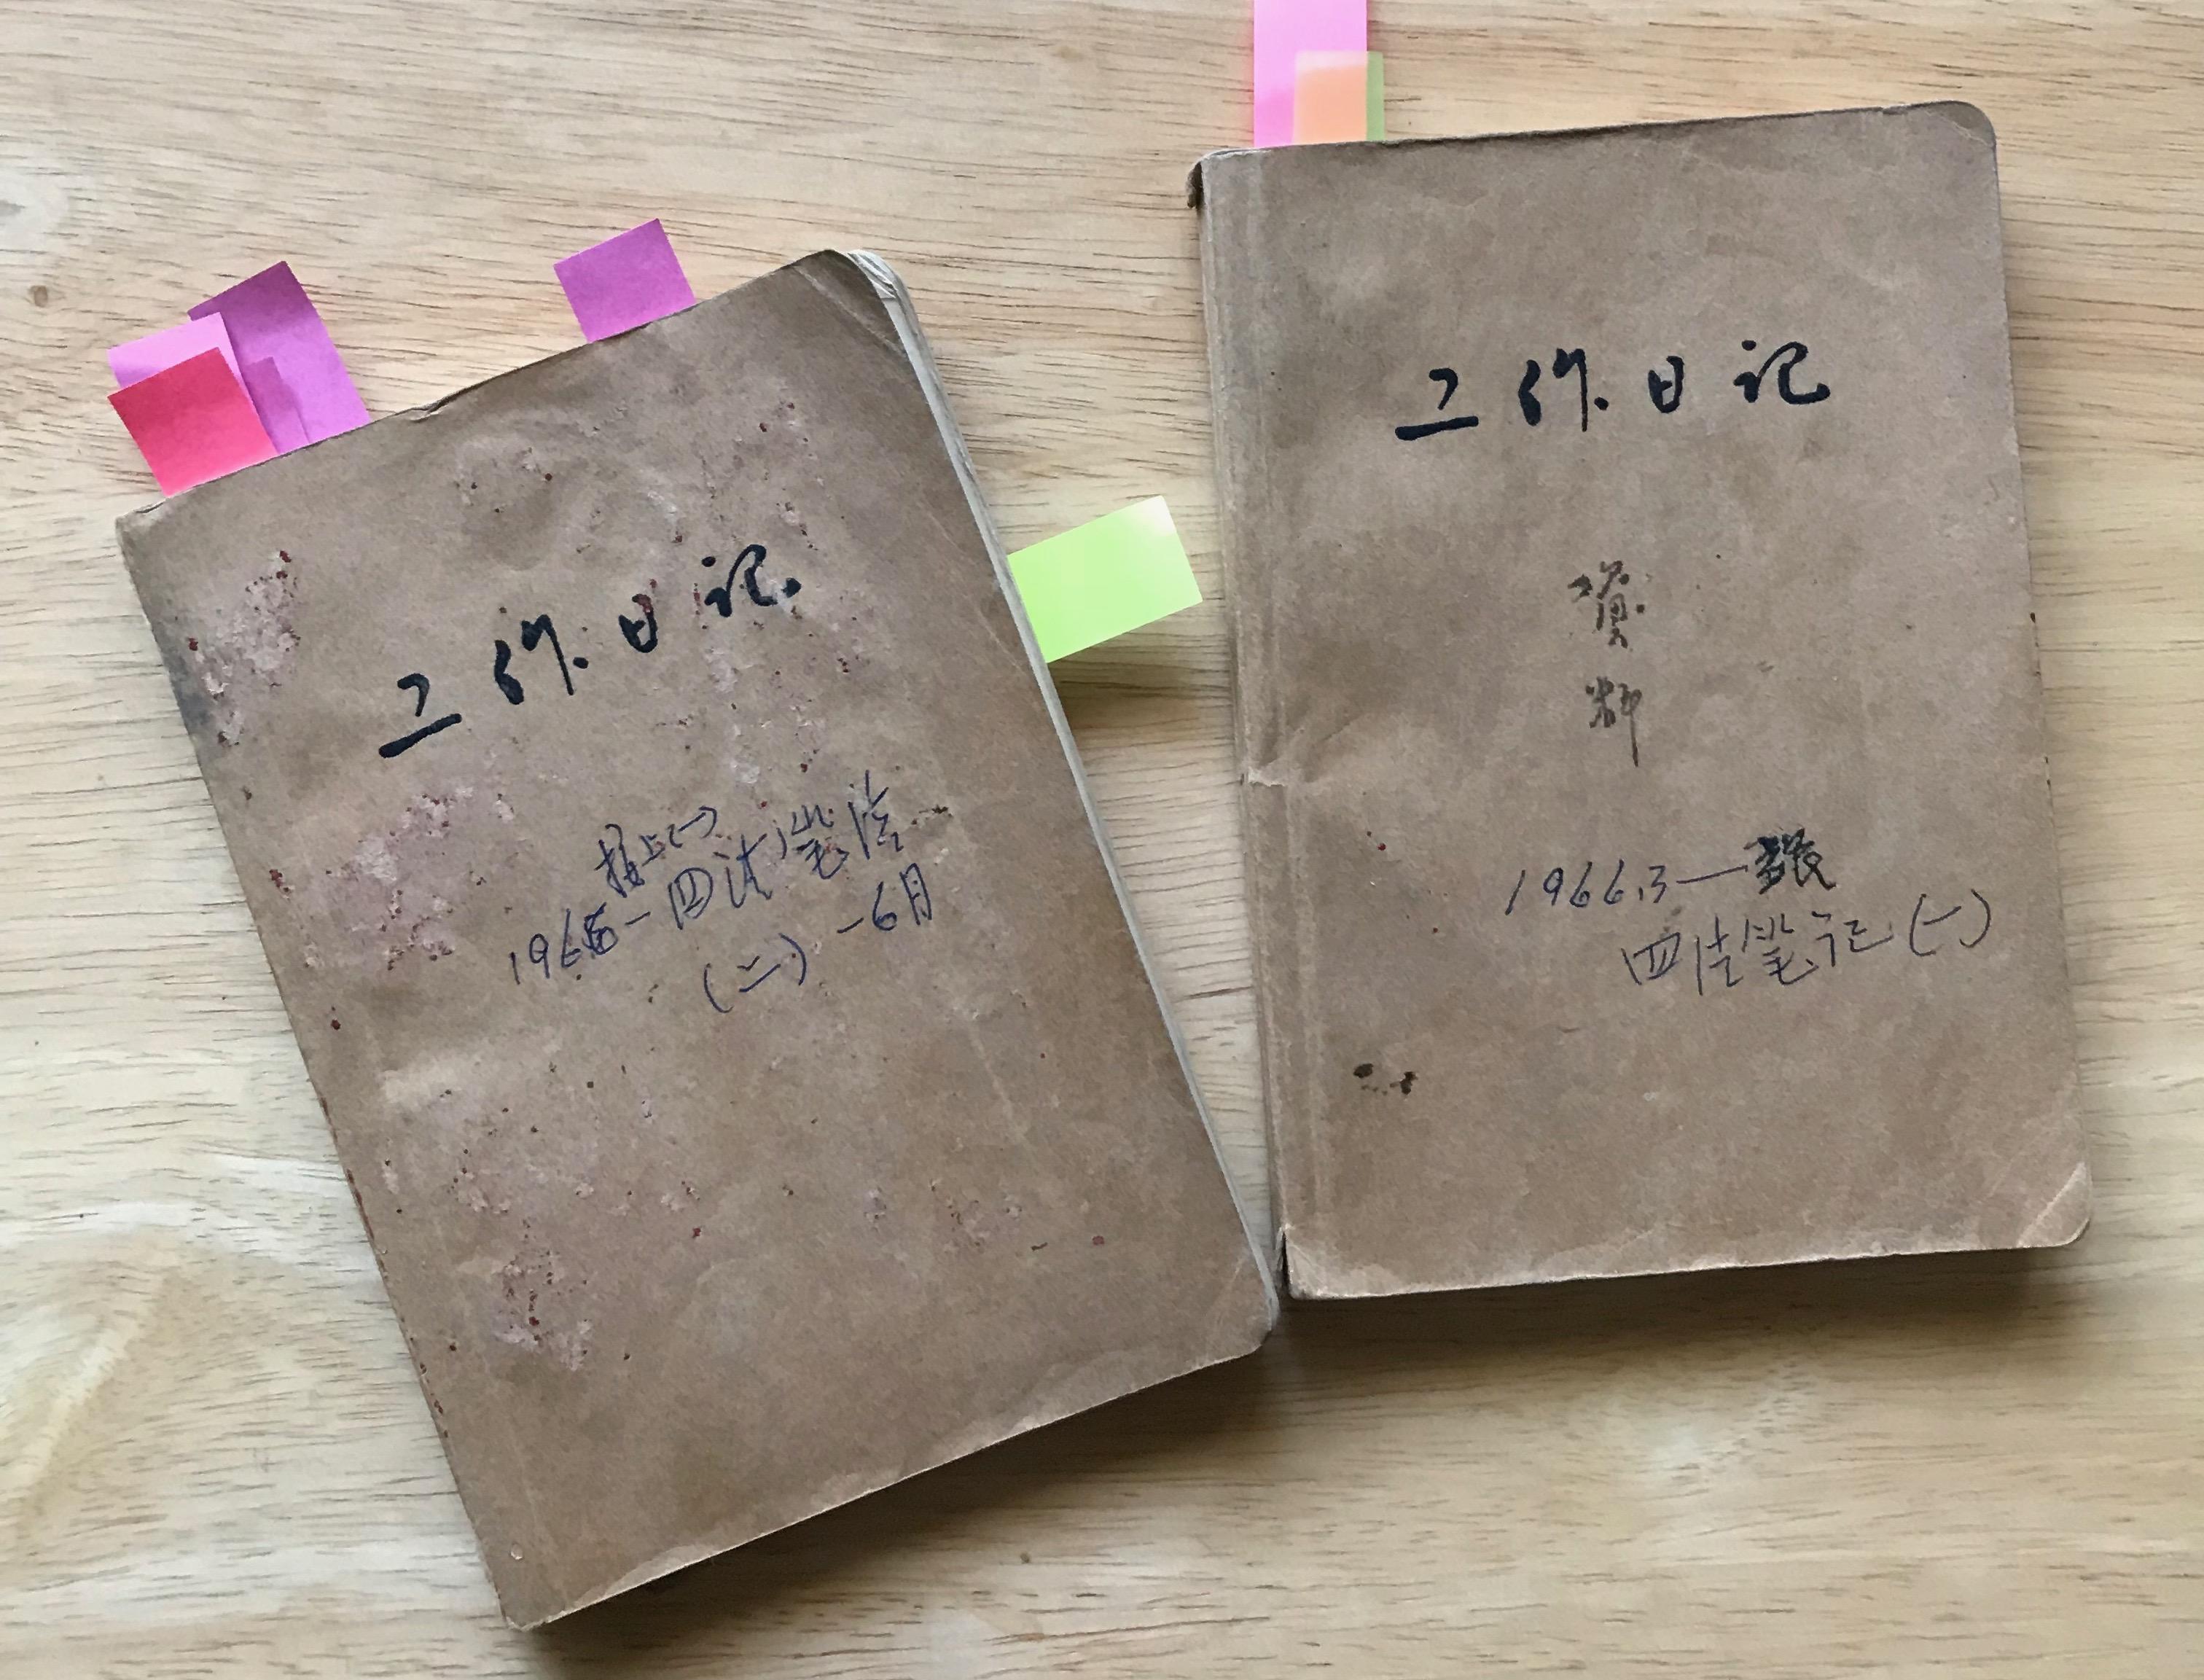 張佩華留下兩本四清工作筆記